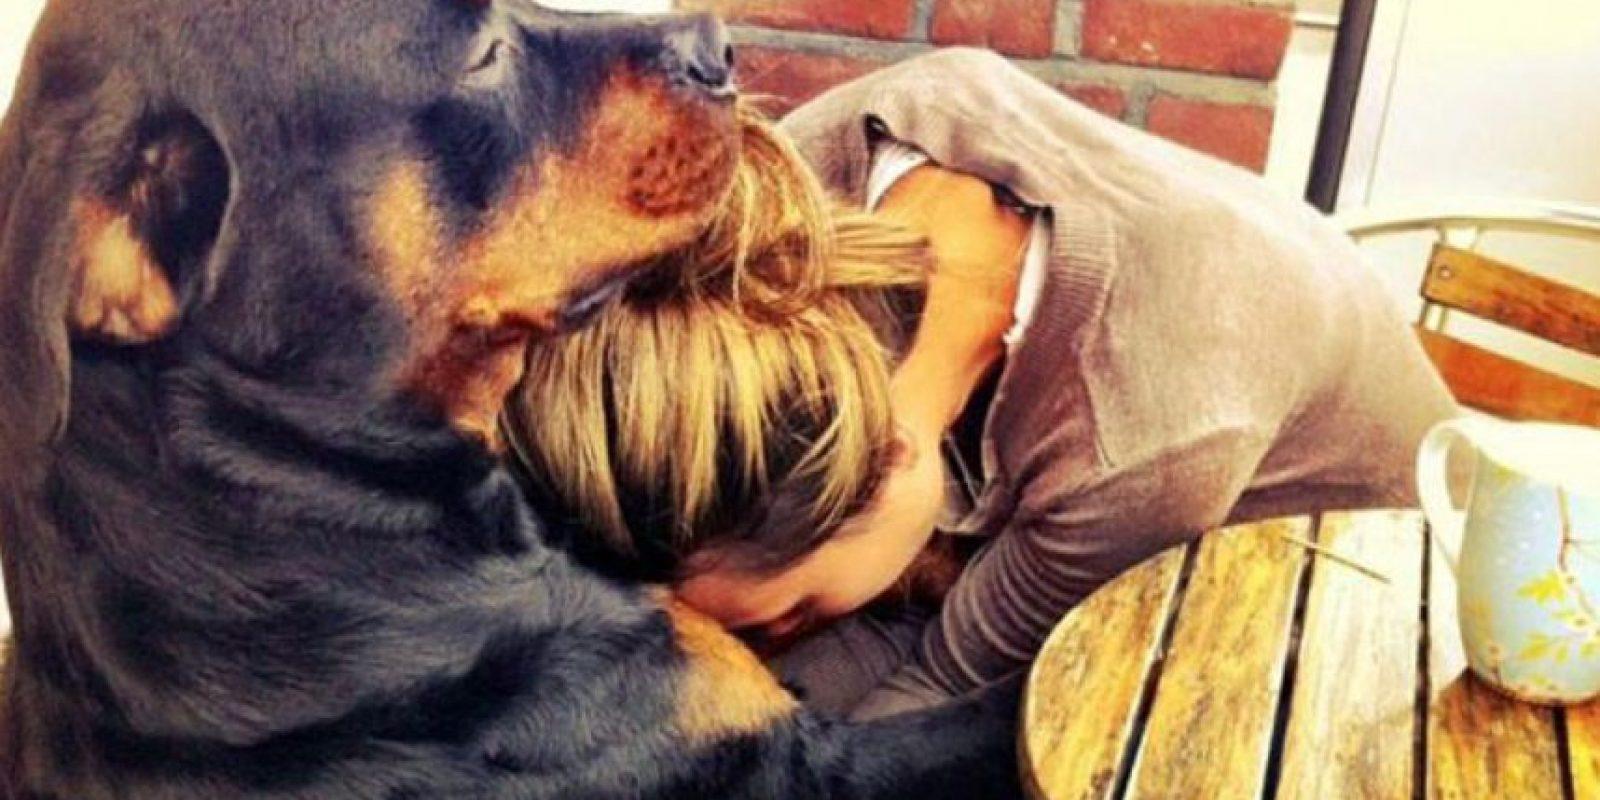 Ellos abrazan. Foto:Tumblr